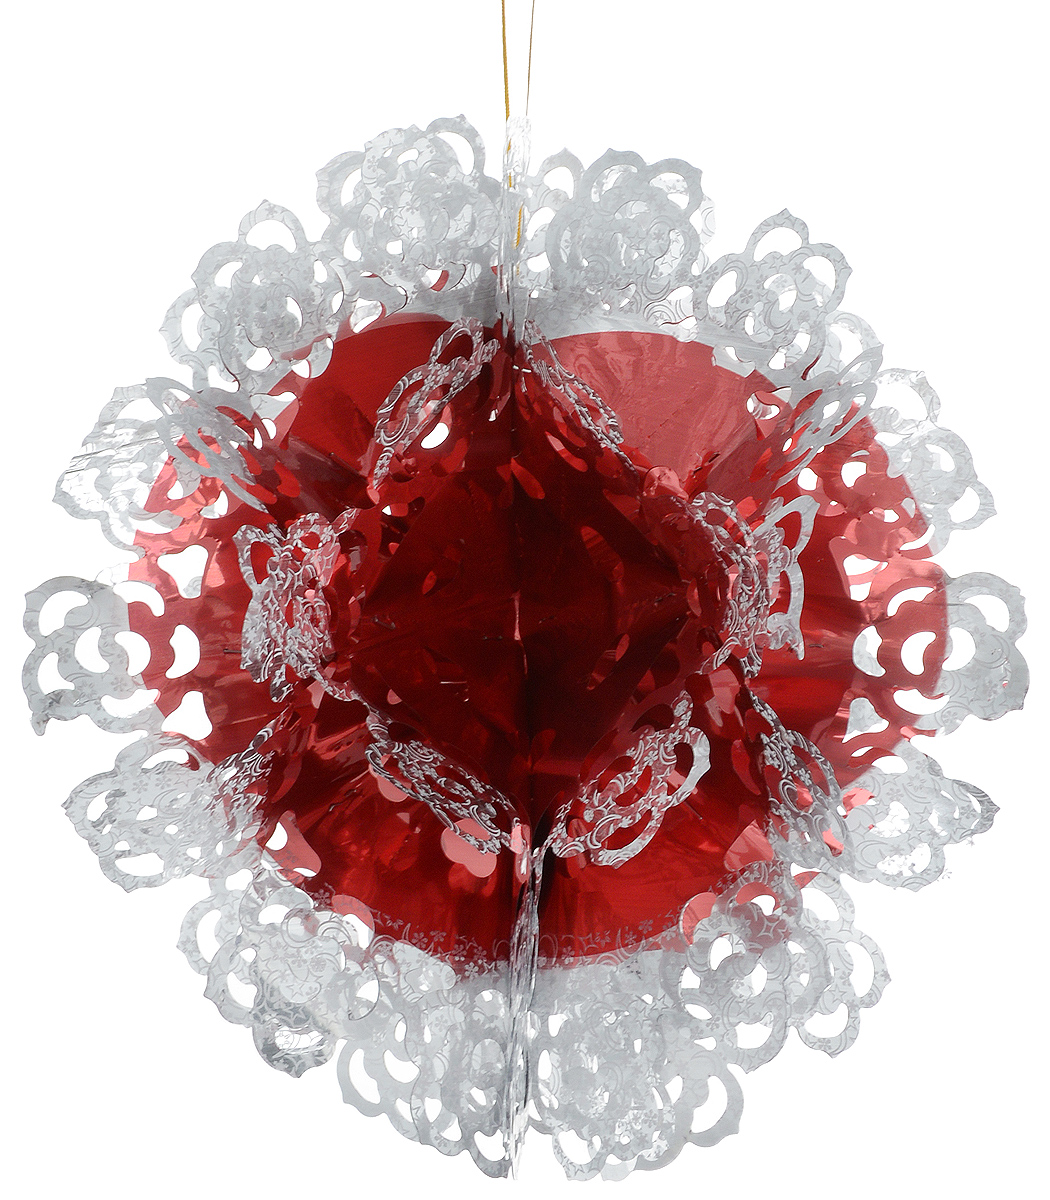 Гирлянда новогодняя Magic Time Шар ажурный красно-белый, 26 x 13 смNLED-454-9W-BKНовогодняя гирлянда Magic Time Шар ажурный красно-белый прекрасно подойдет для декора дома. Украшение выполнено из ПЭТ. С помощью специальной петельки гирлянду можно повесить в любом понравившемся вам месте. Легко складывается и раскладывается.Новогодние украшения несут в себе волшебство и красоту праздника. Они помогут вам украсить дом к предстоящим праздникам и оживить интерьер по вашему вкусу. Создайте в доме атмосферу тепла, веселья и радости, украшая его всей семьей.